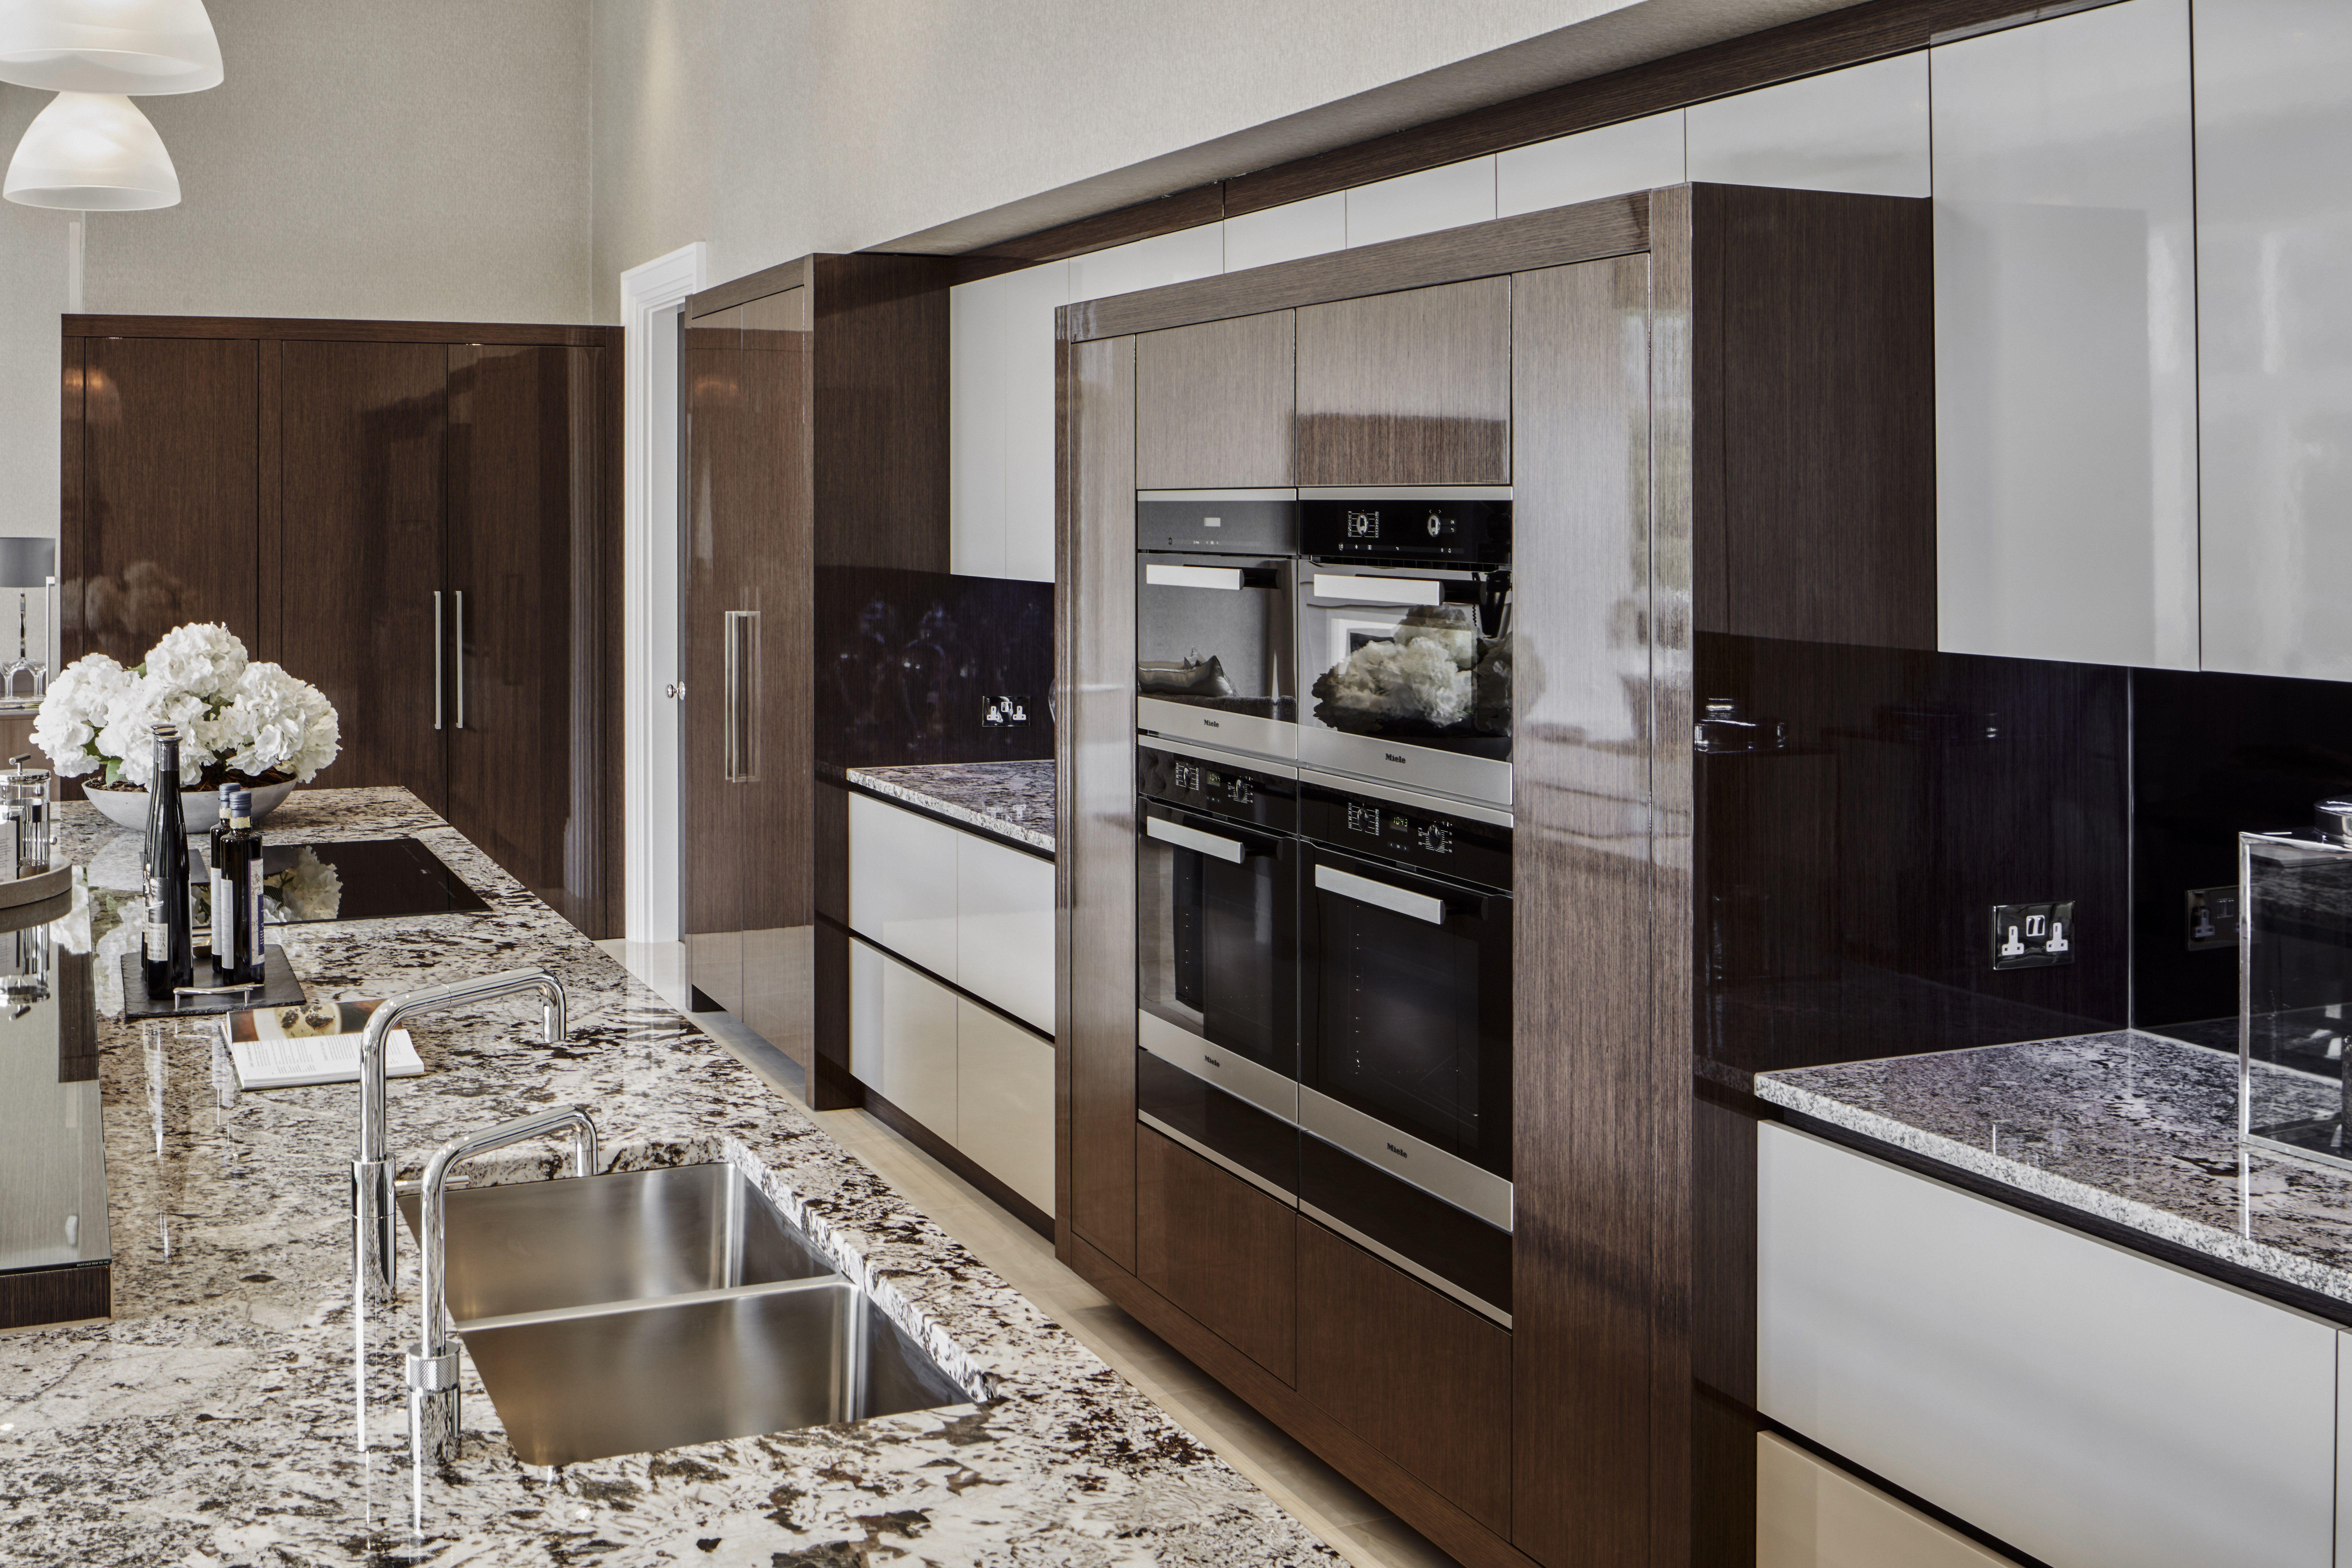 Best Extreme High Gloss Luxury Kitchen Design European 400 x 300